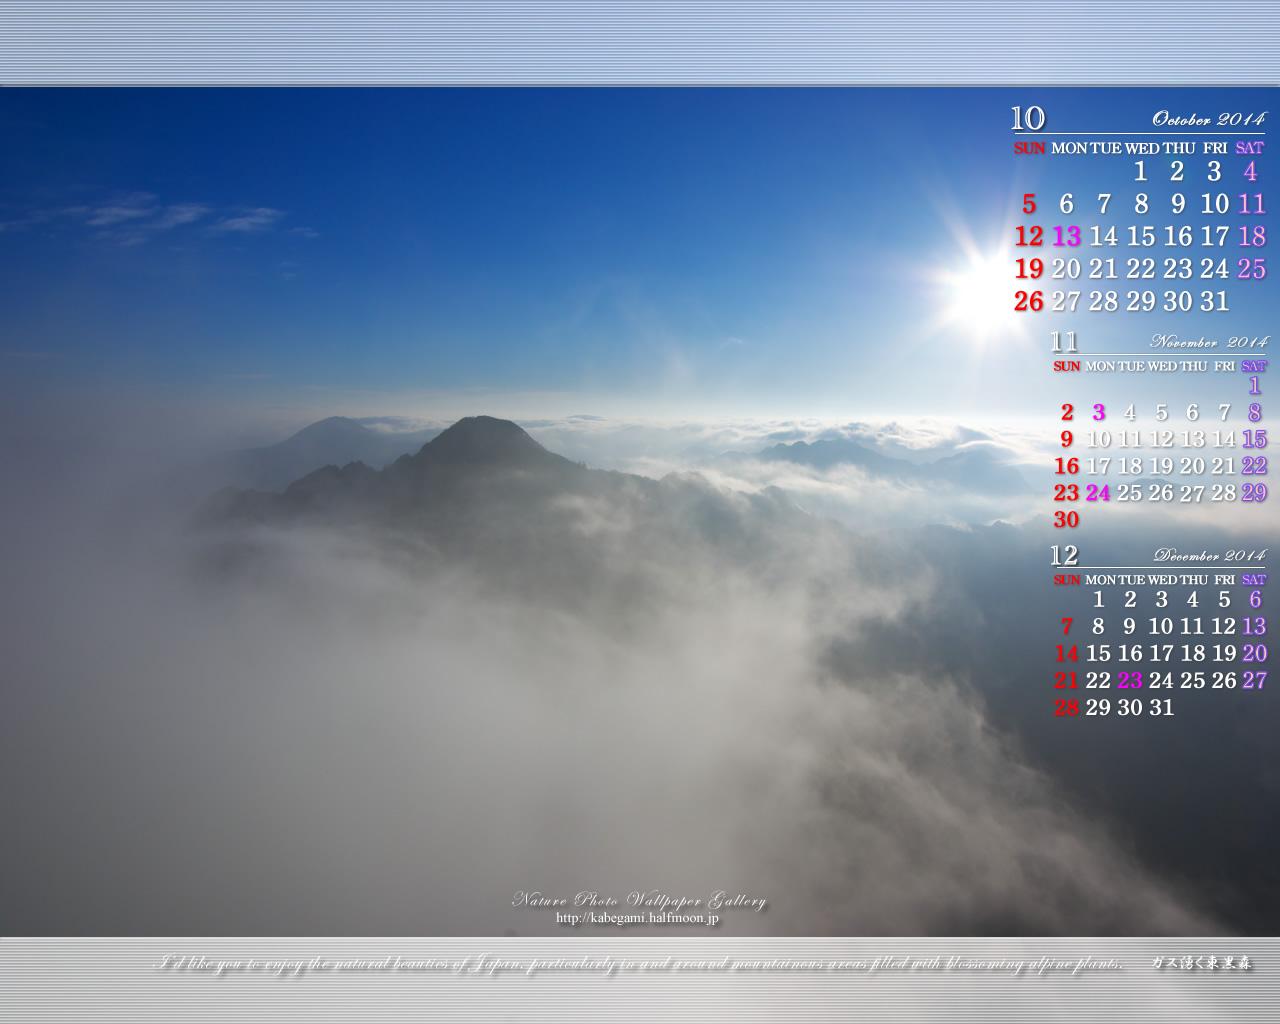 カレンダー カレンダー 2015 3ヶ月 : 今月の壁紙カレンダー「蒼空の ...